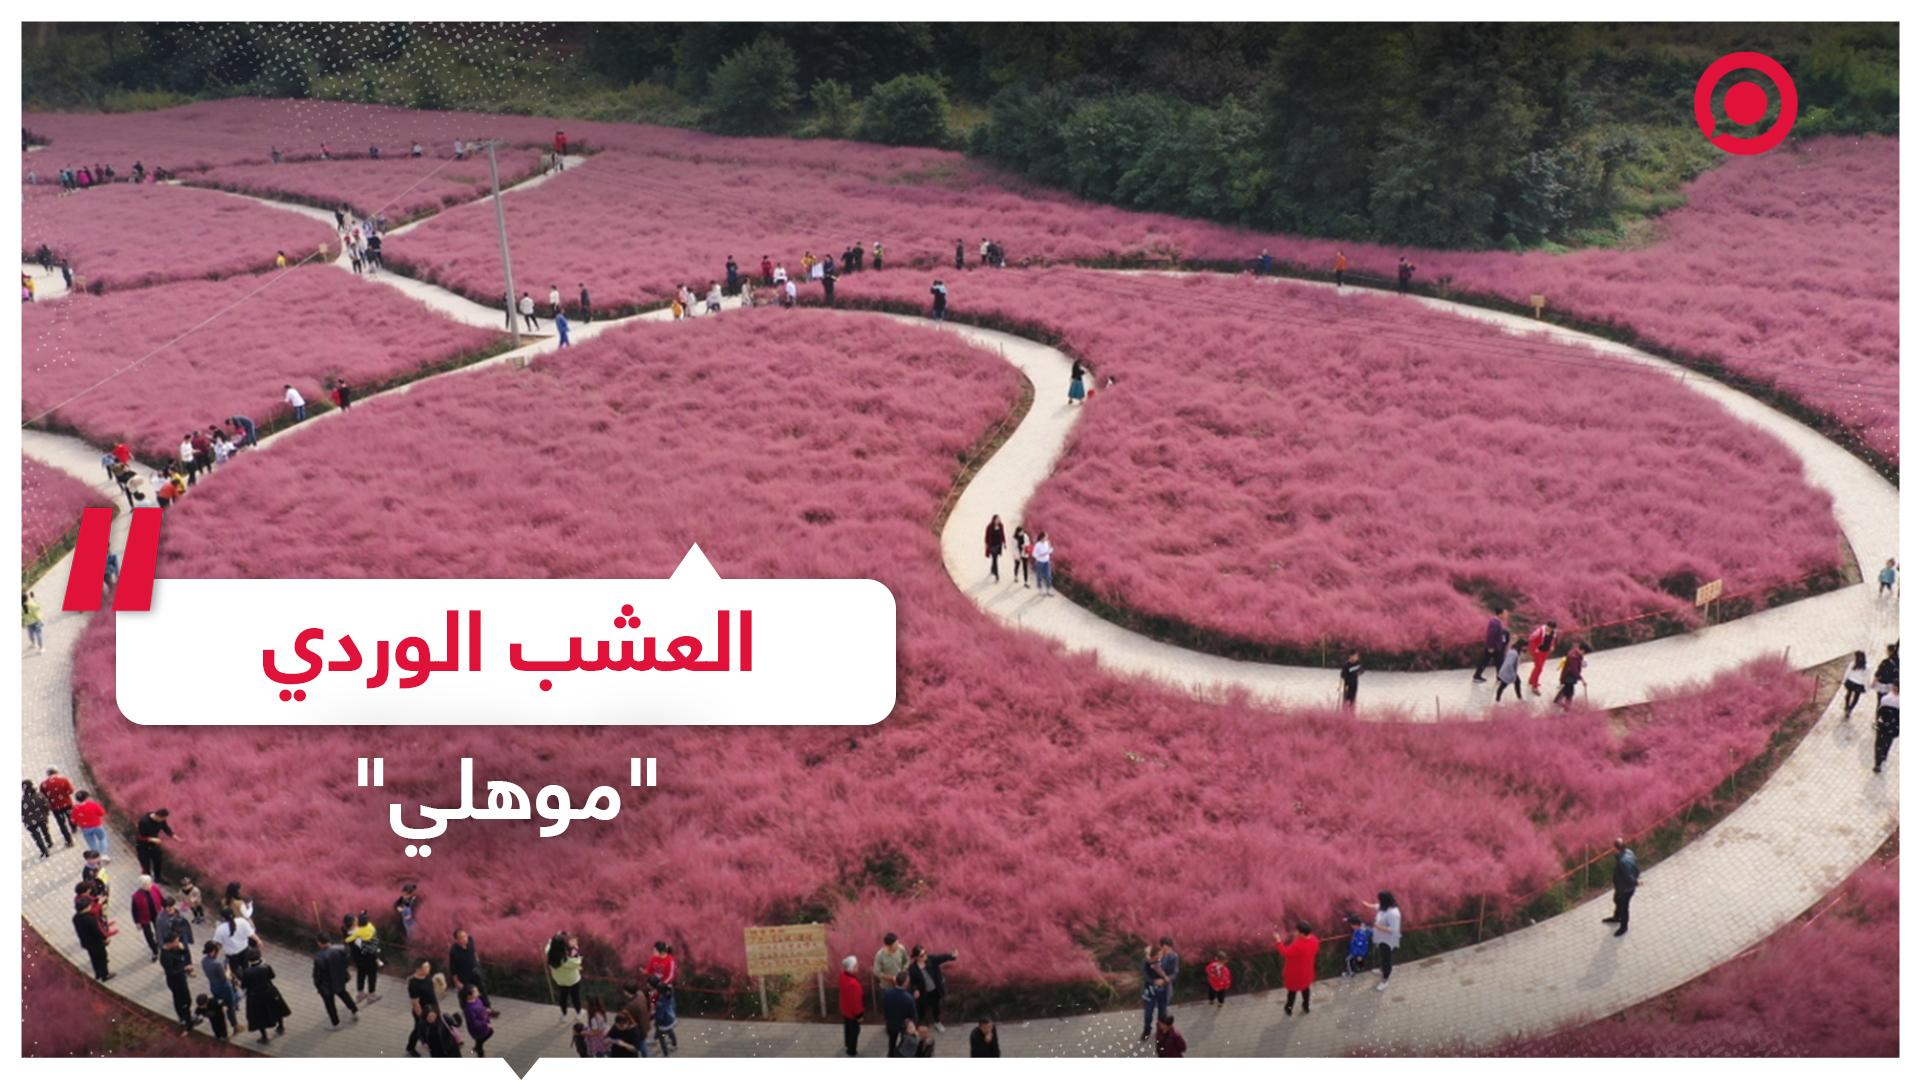 شاهد جمال العشب الوردي موهلي  وسط الصين!